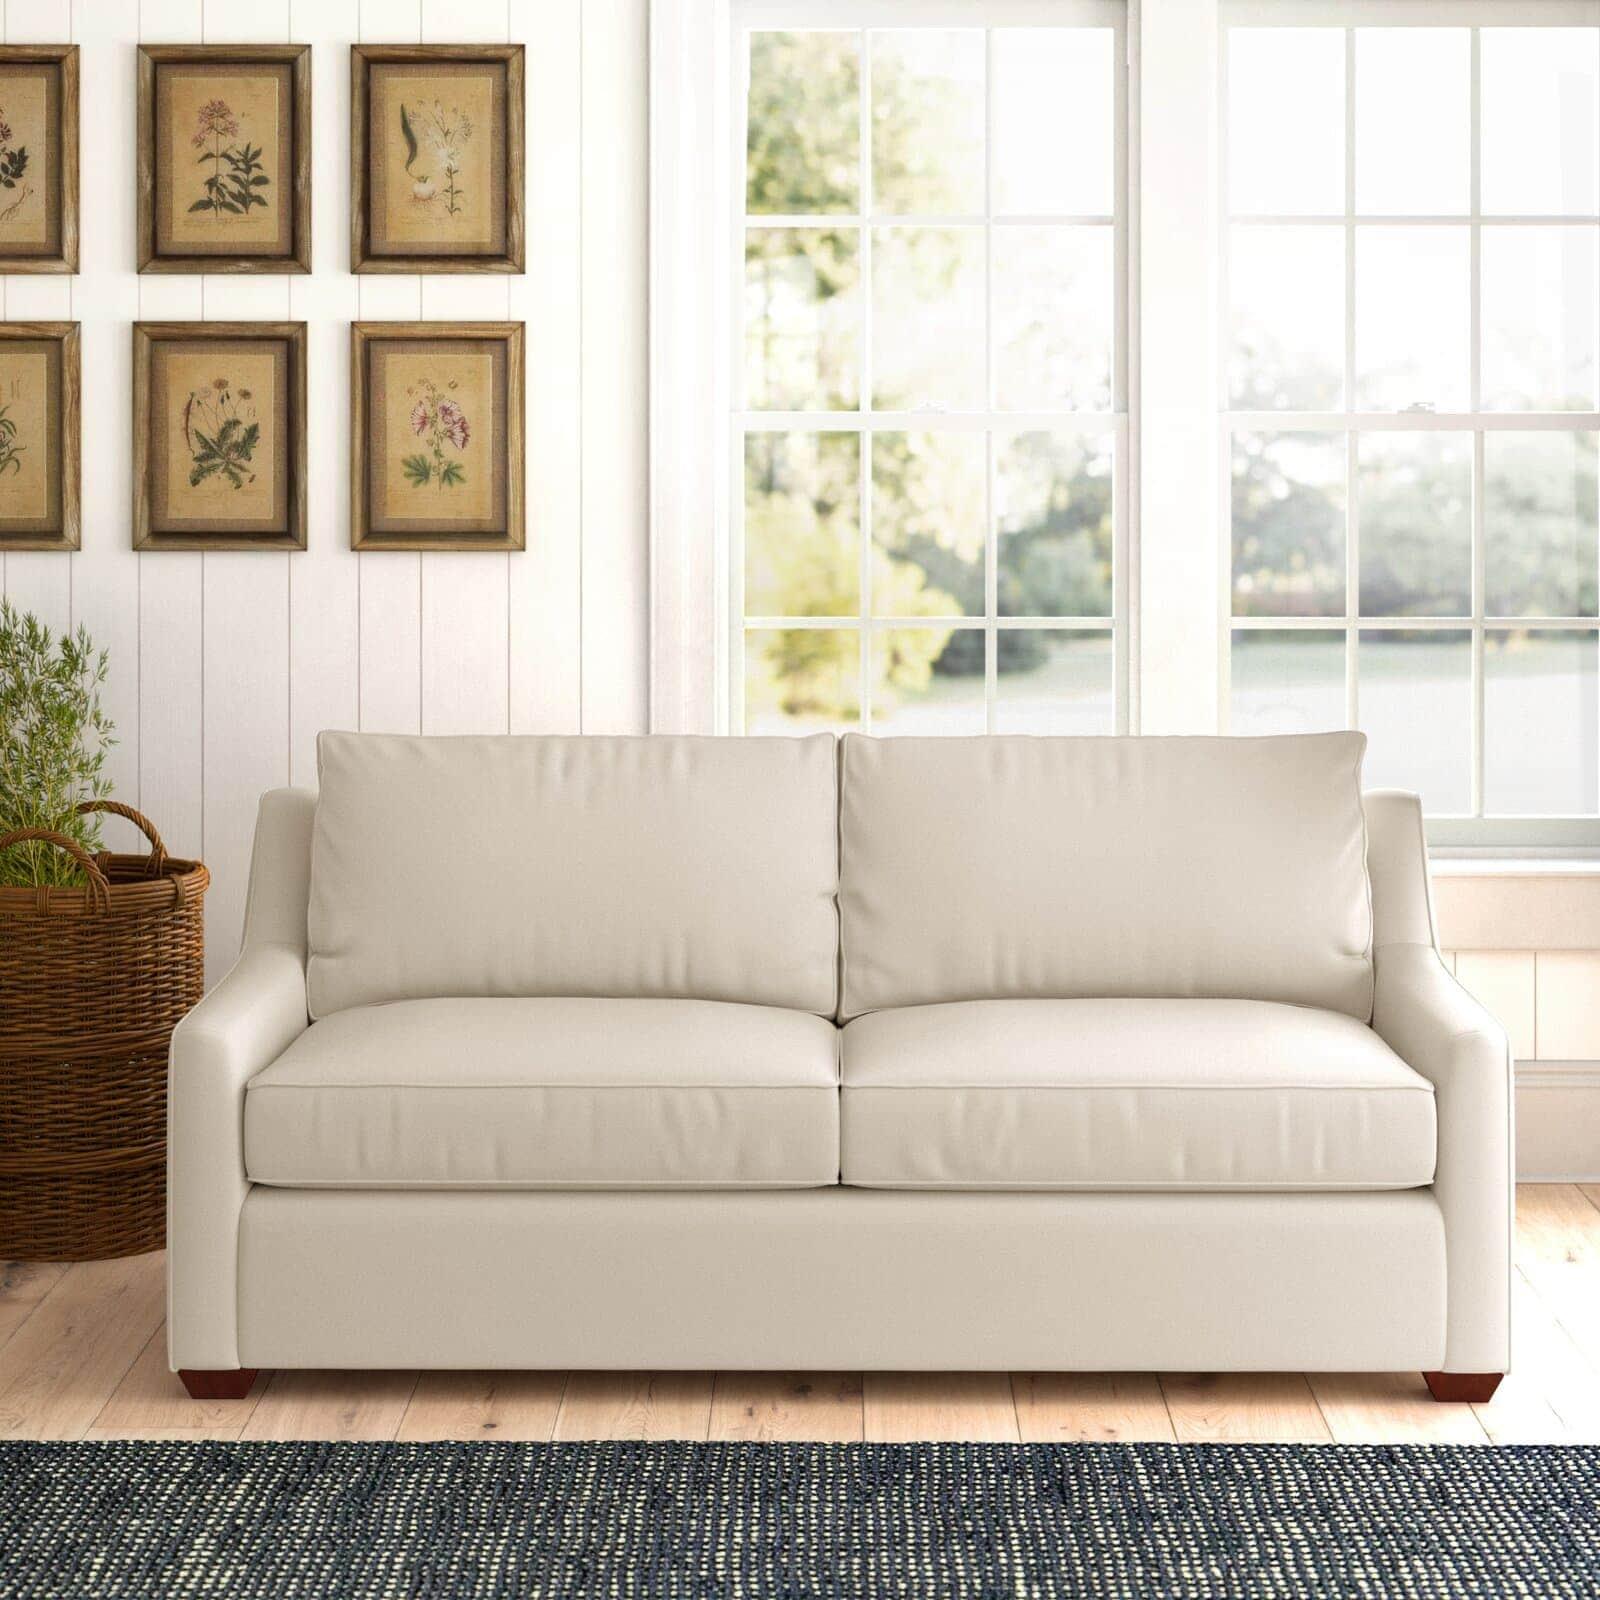 Sleeper sofa from Wayfair